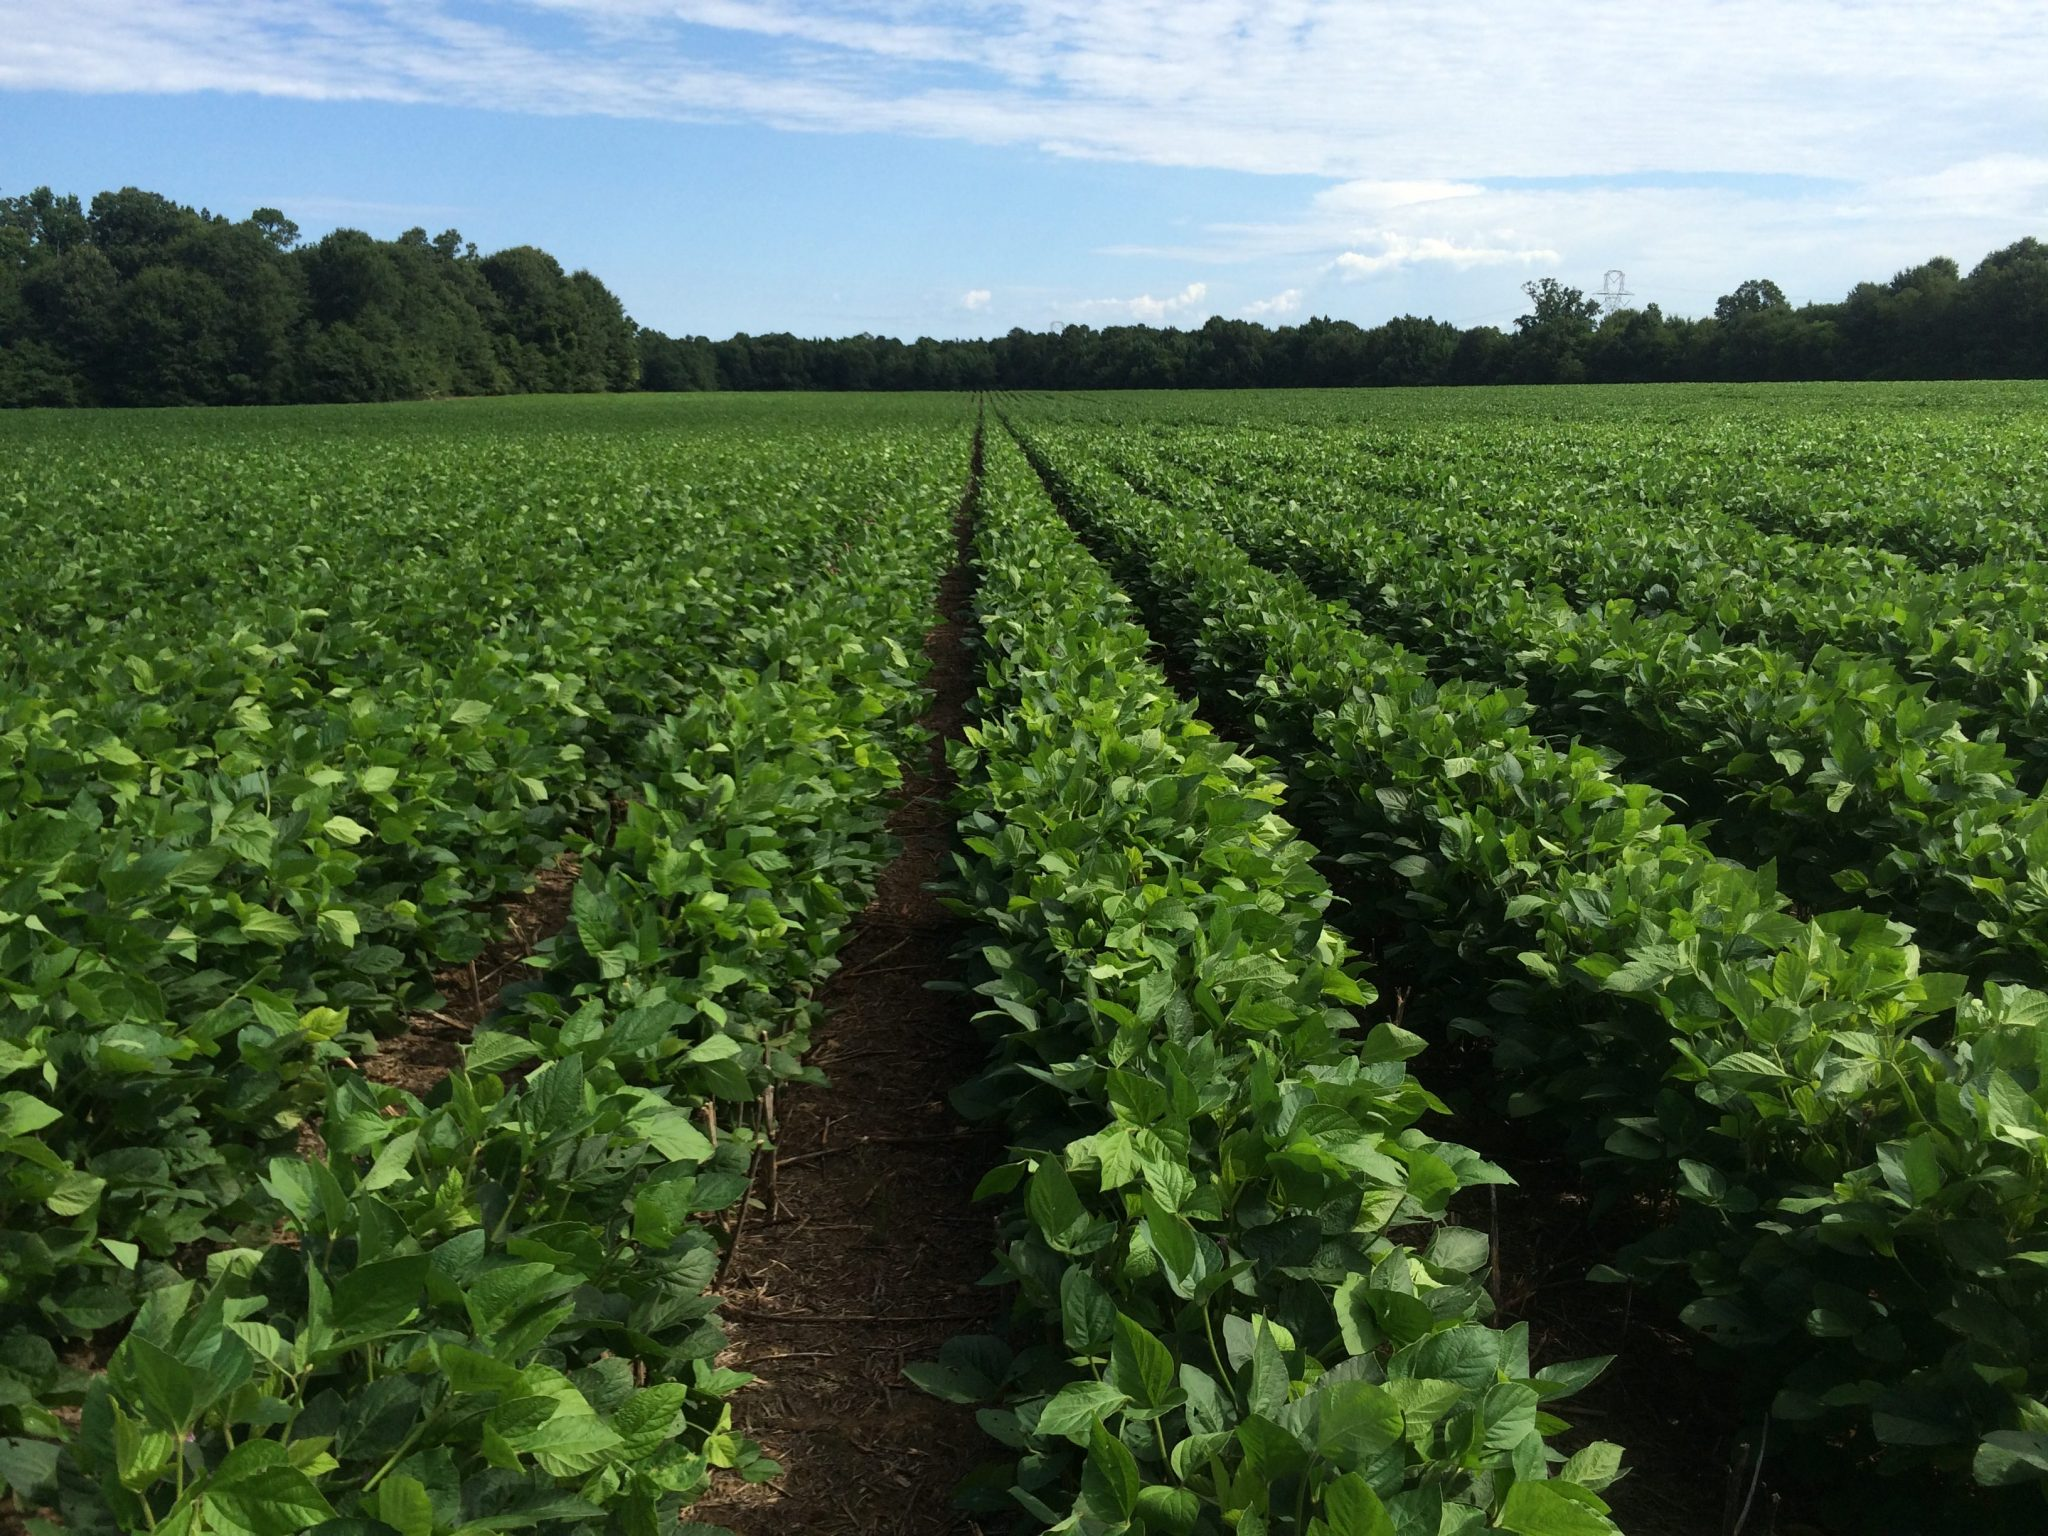 ပဲပုပ်ကို စီးပွားဖြစ်သီးနှံအဖြစ် အစားထိုးစိုက်ပျိုးလာရေး ကချင်ပြည်နယ်တွင် စီမံချက်များချမှတ်ဆောင်ရွက်မည်